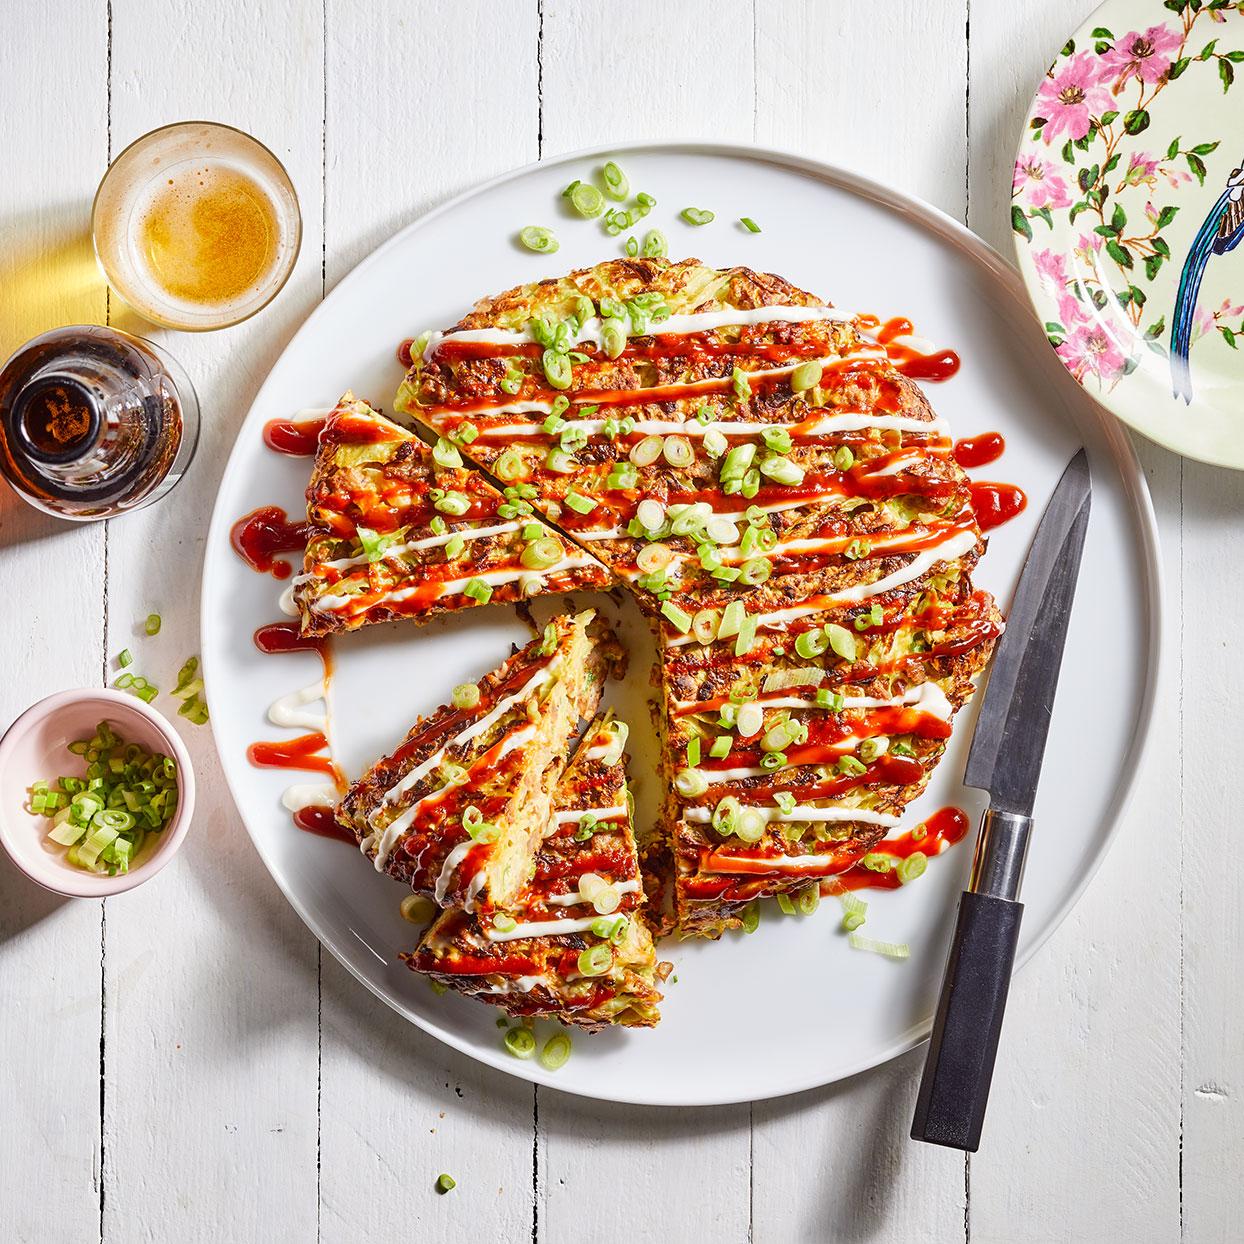 Japanese Pancake with Pork (Okonomiyaki) Trusted Brands